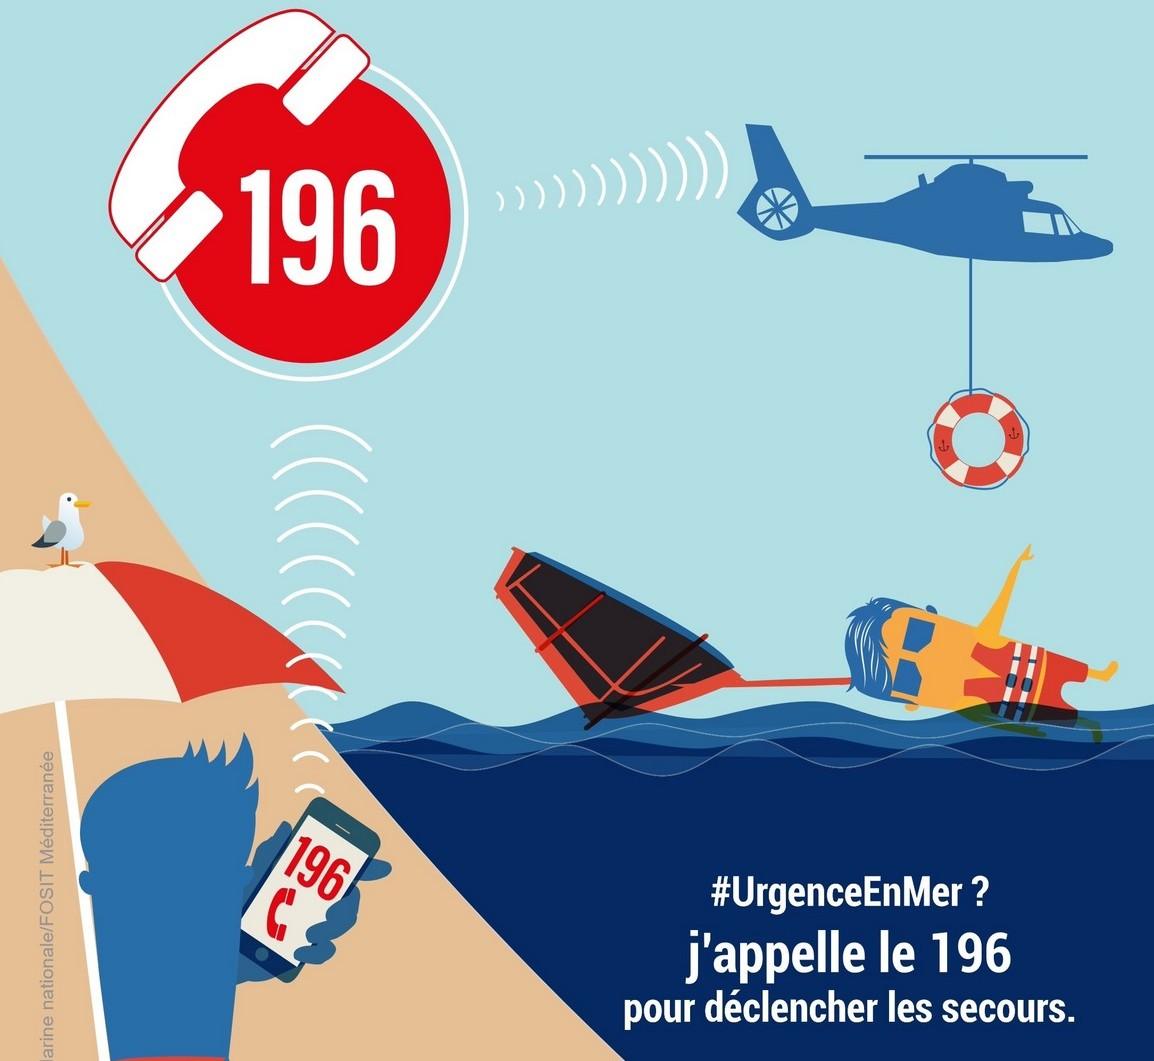 #Urgence en Mer ?